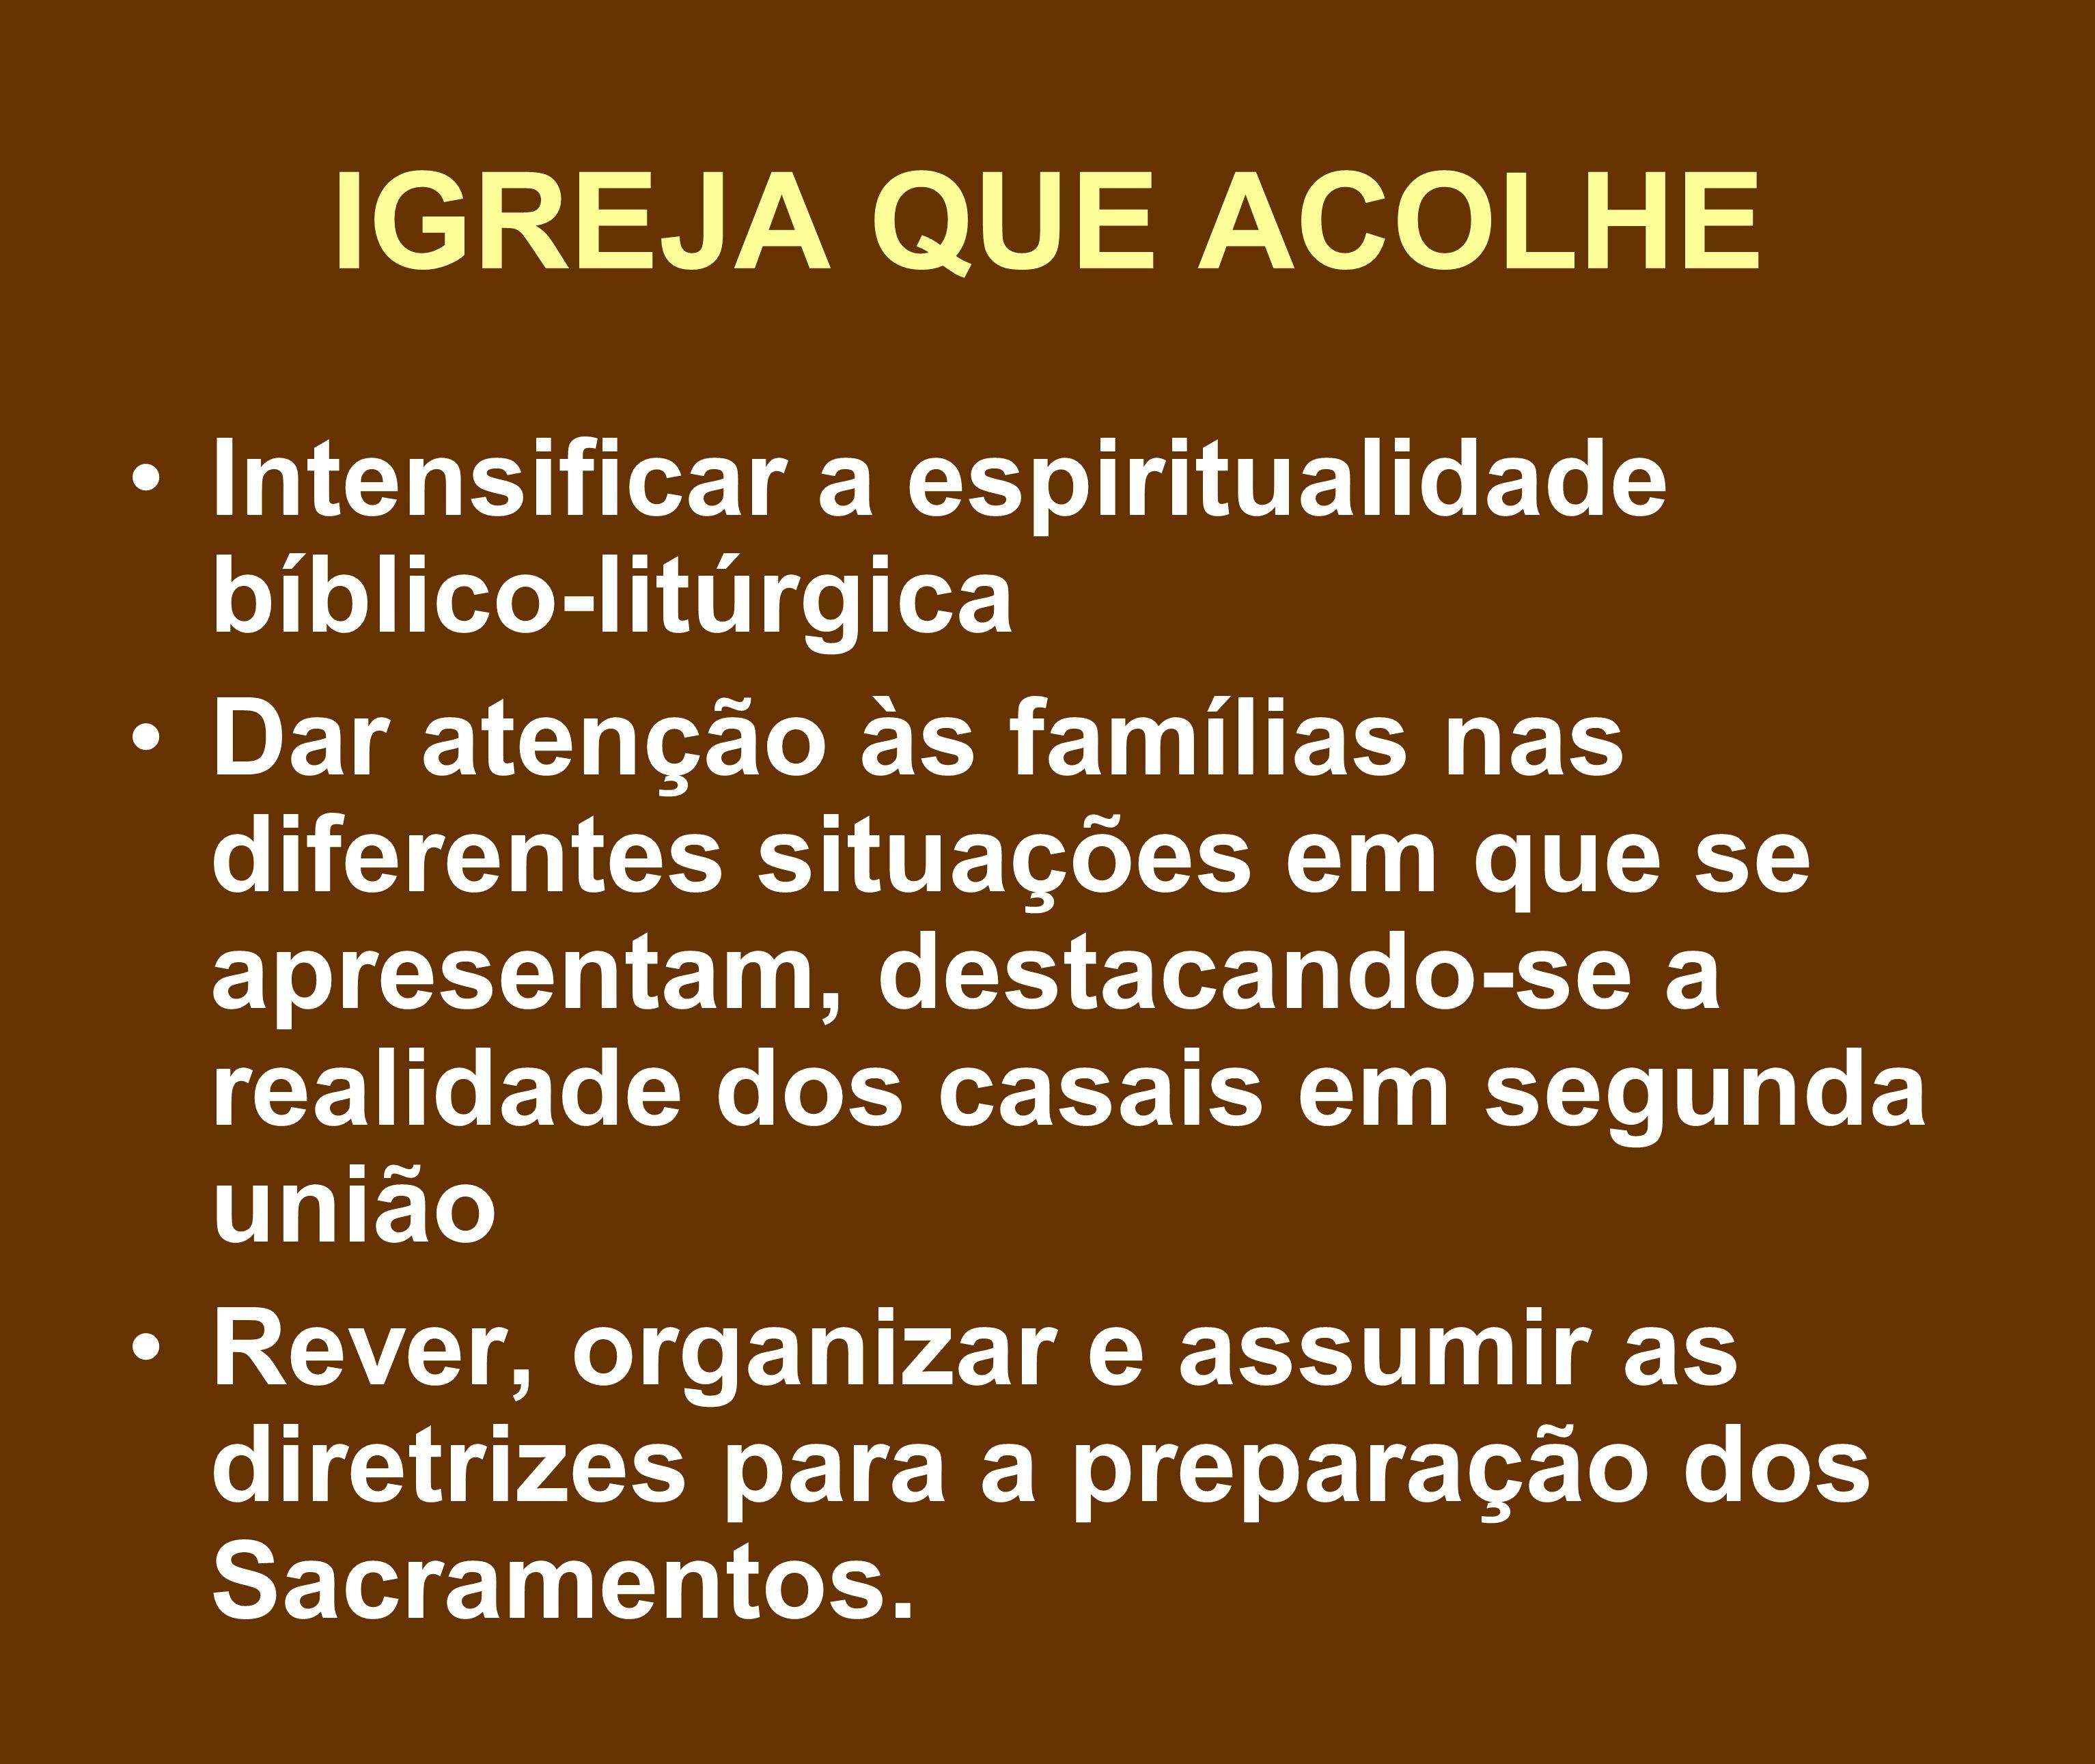 IGREJA QUE ACOLHE Intensificar a espiritualidade bíblico-litúrgica